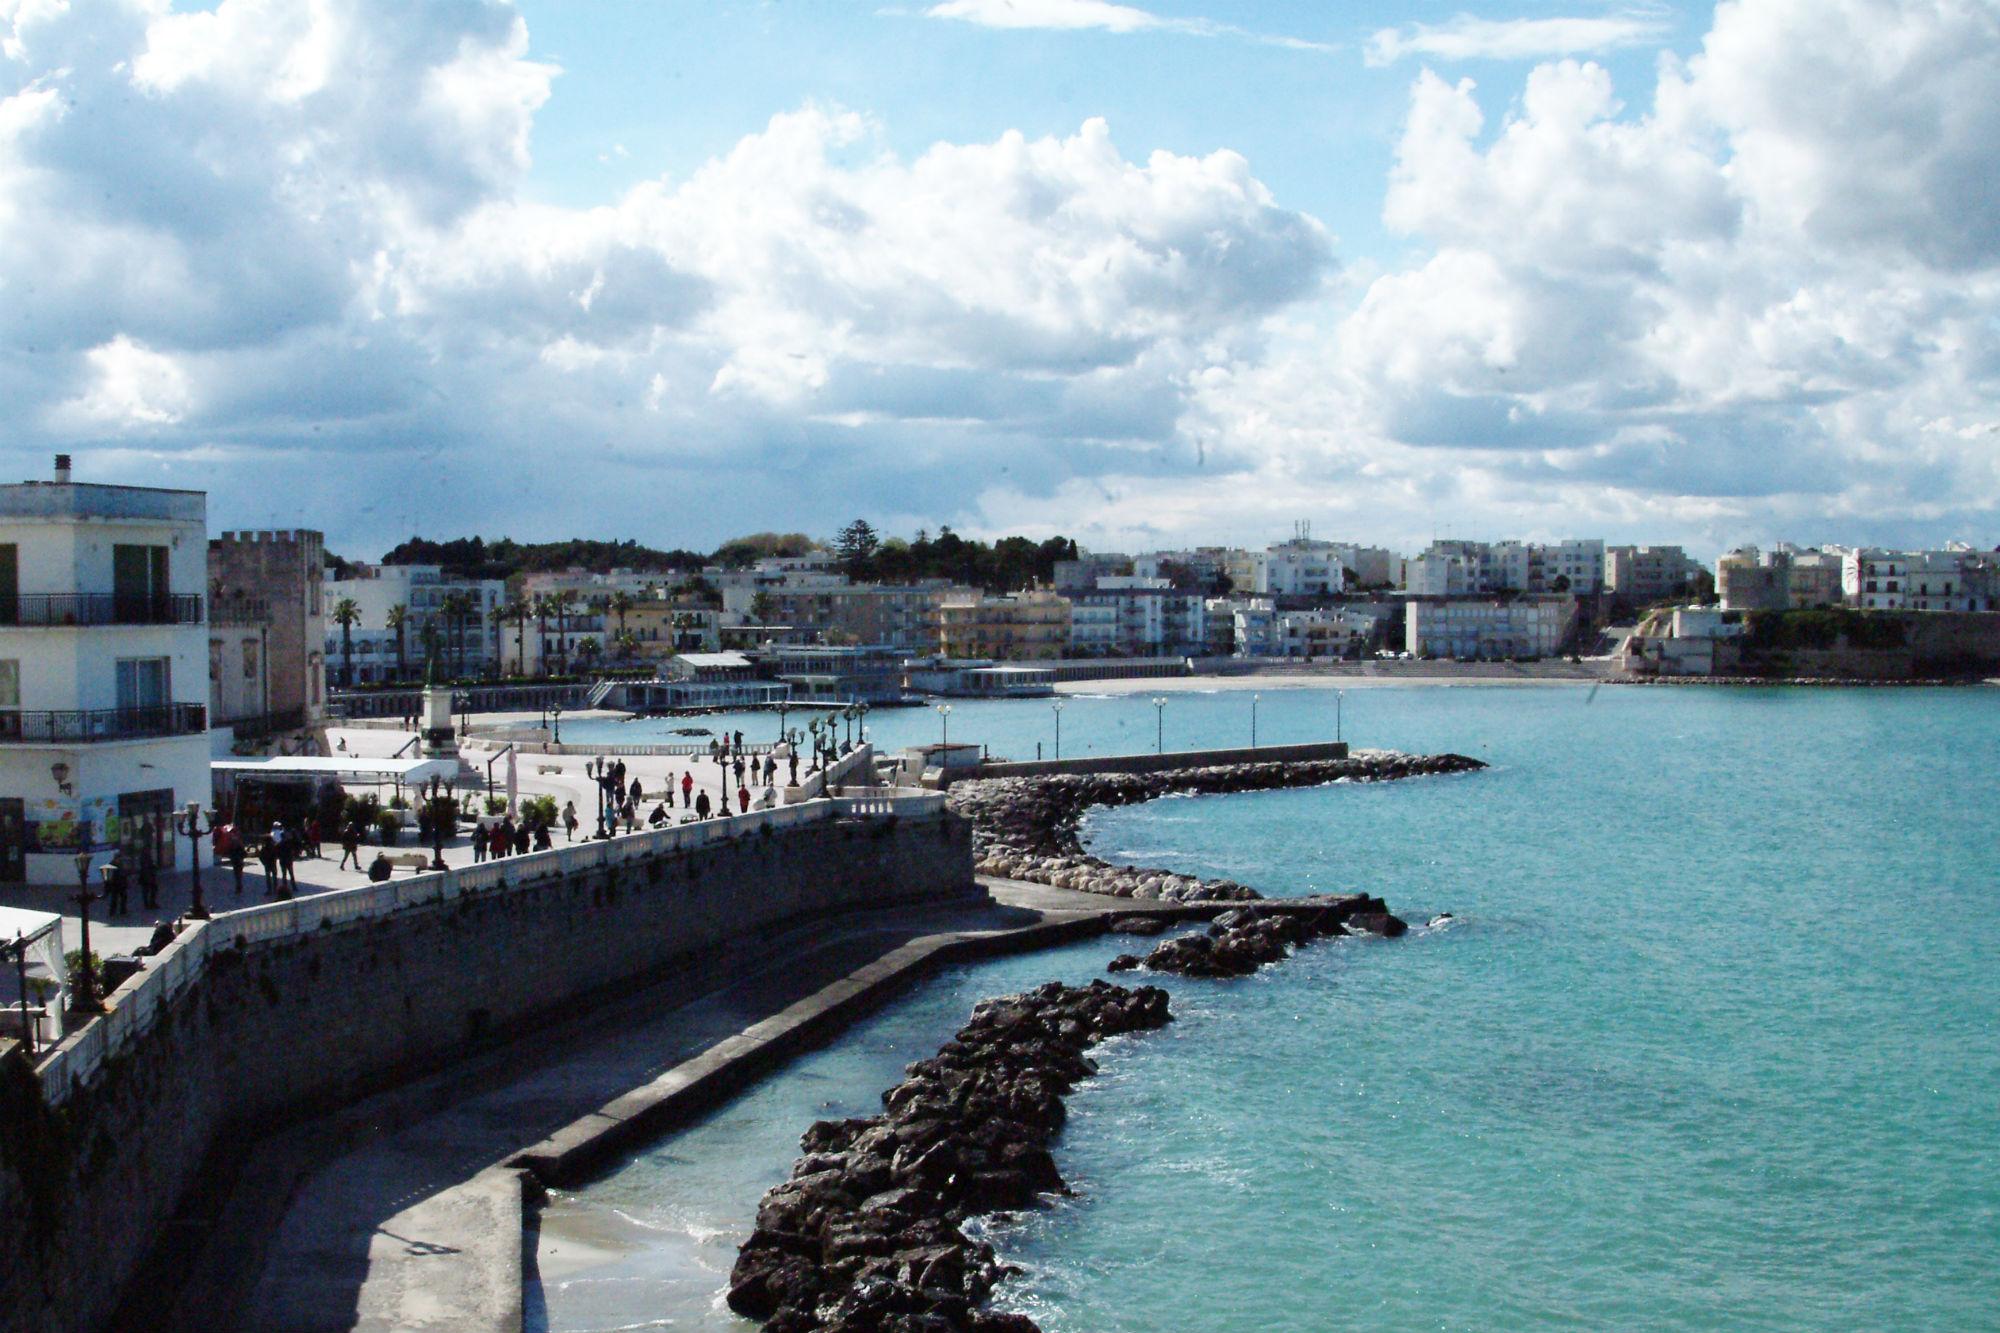 L'alga tossica avanza, torna in Puglia e va alla conquista del Mediterraneo